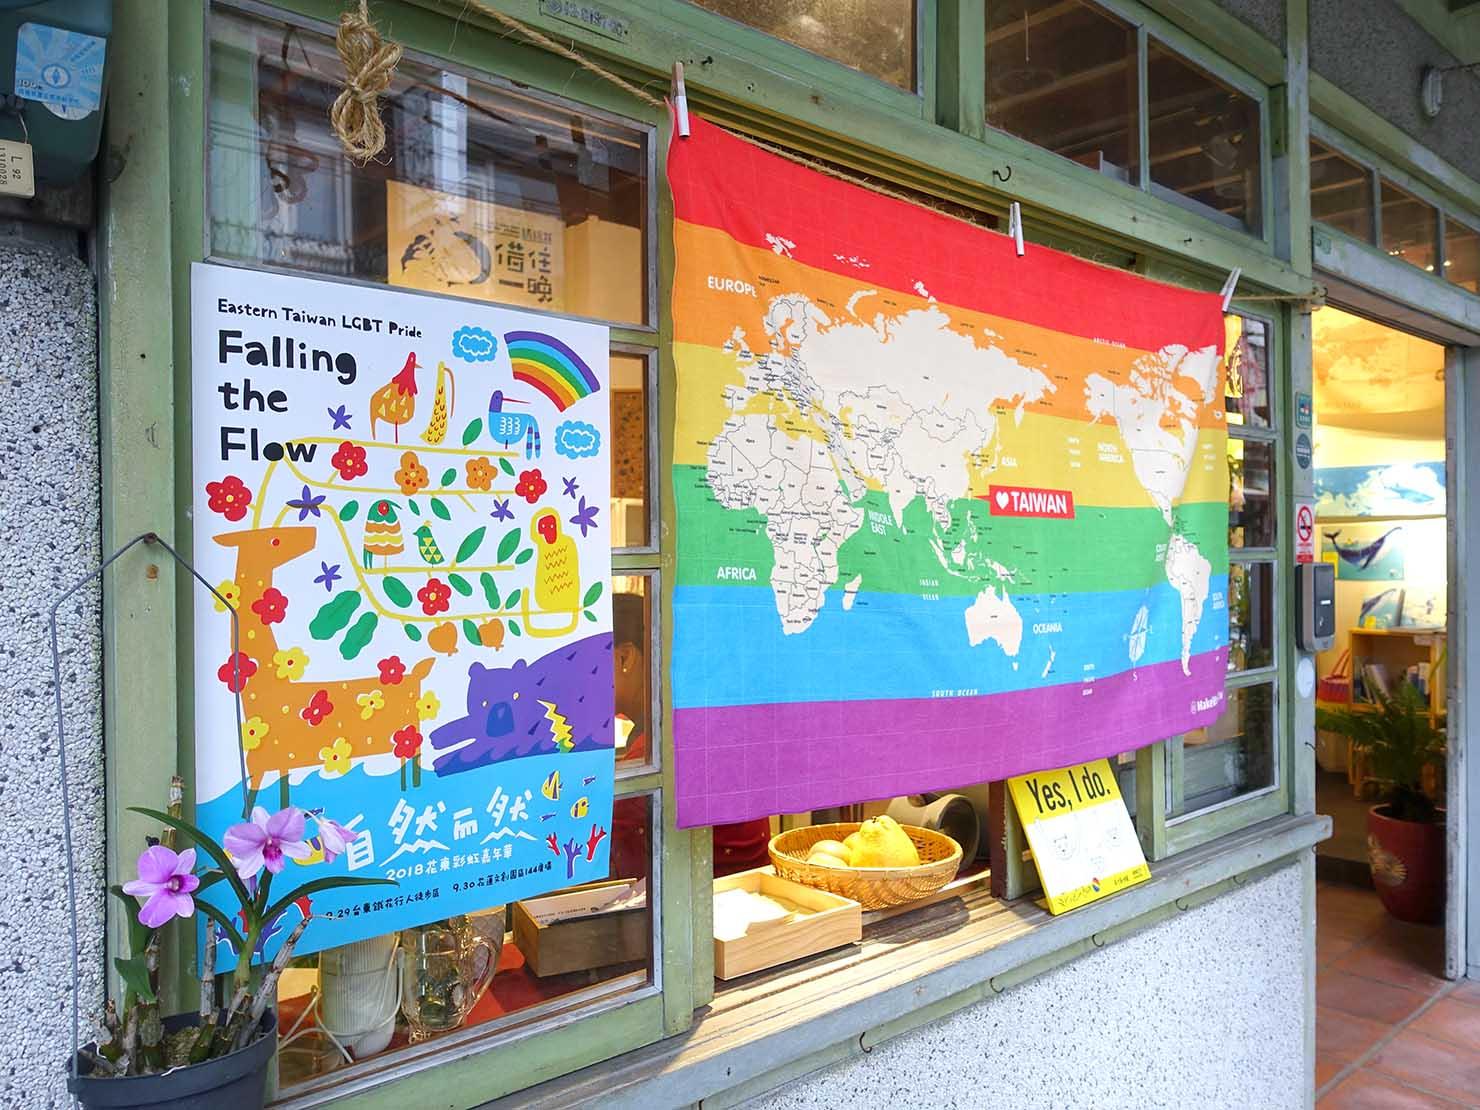 花東彩虹嘉年華(台湾東部LGBTプライド / 花蓮場)フレンドリーショップに貼られたポスター